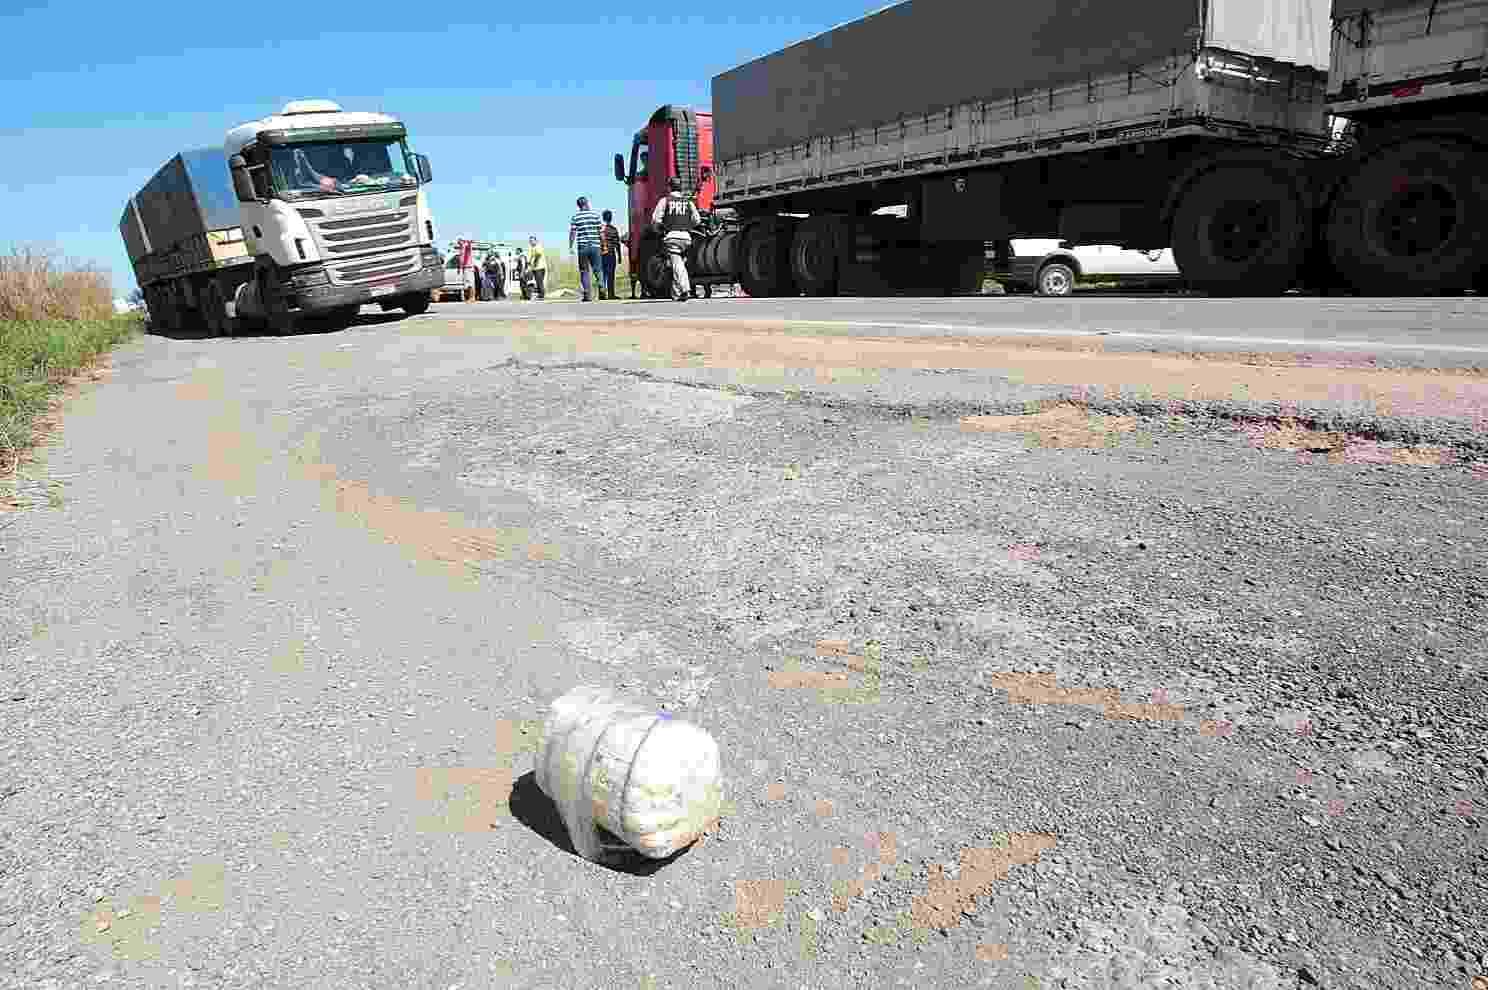 26.nov.2013 - Bandidos assaltam carro forte na BR-163, próximo ao Posto Gil, no Mato Grosso - Lenine Martins/Secom-MT